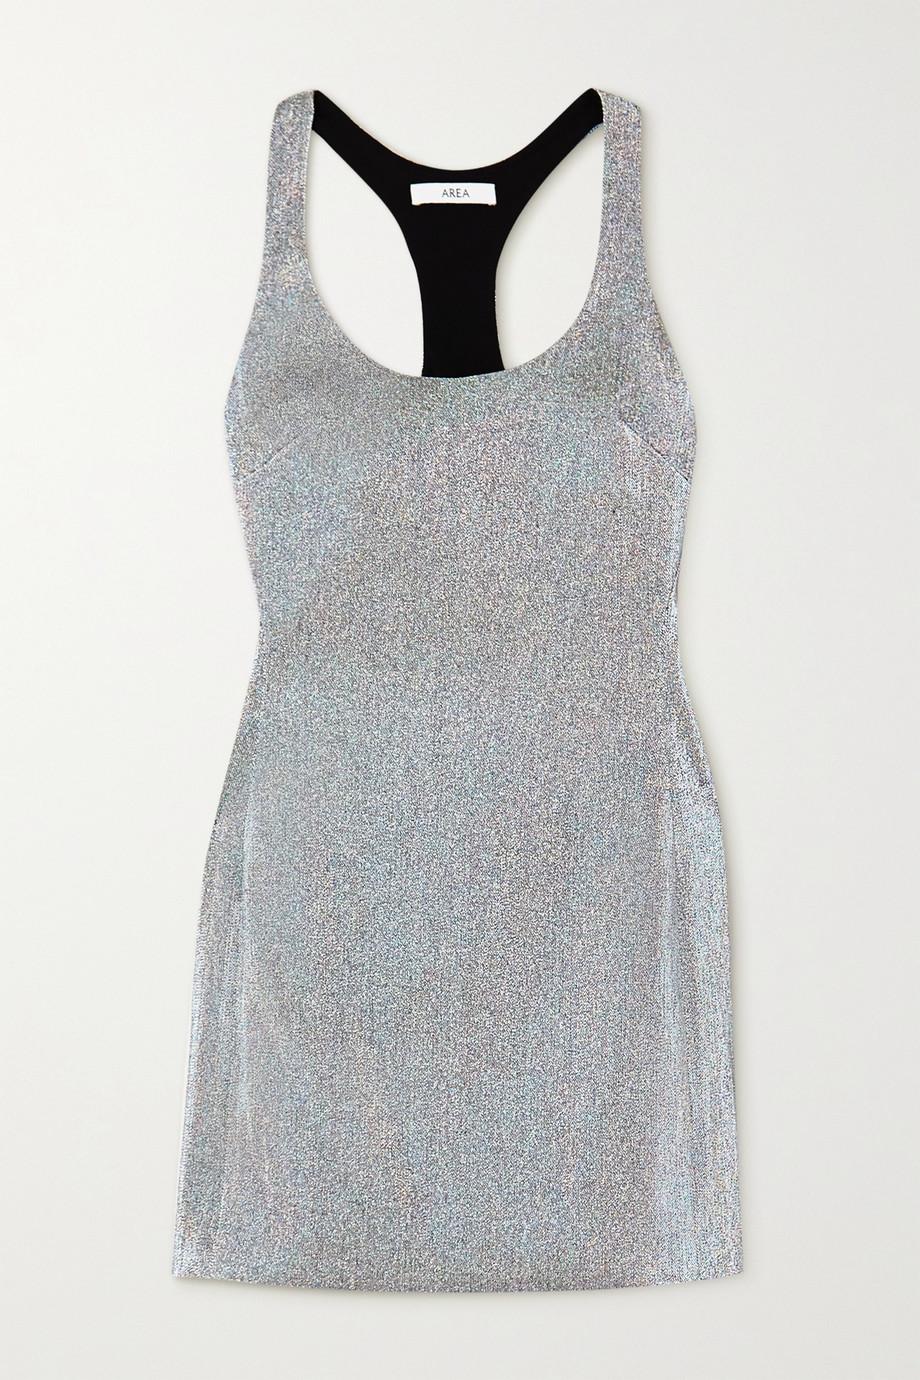 AREA Lamé mini dress